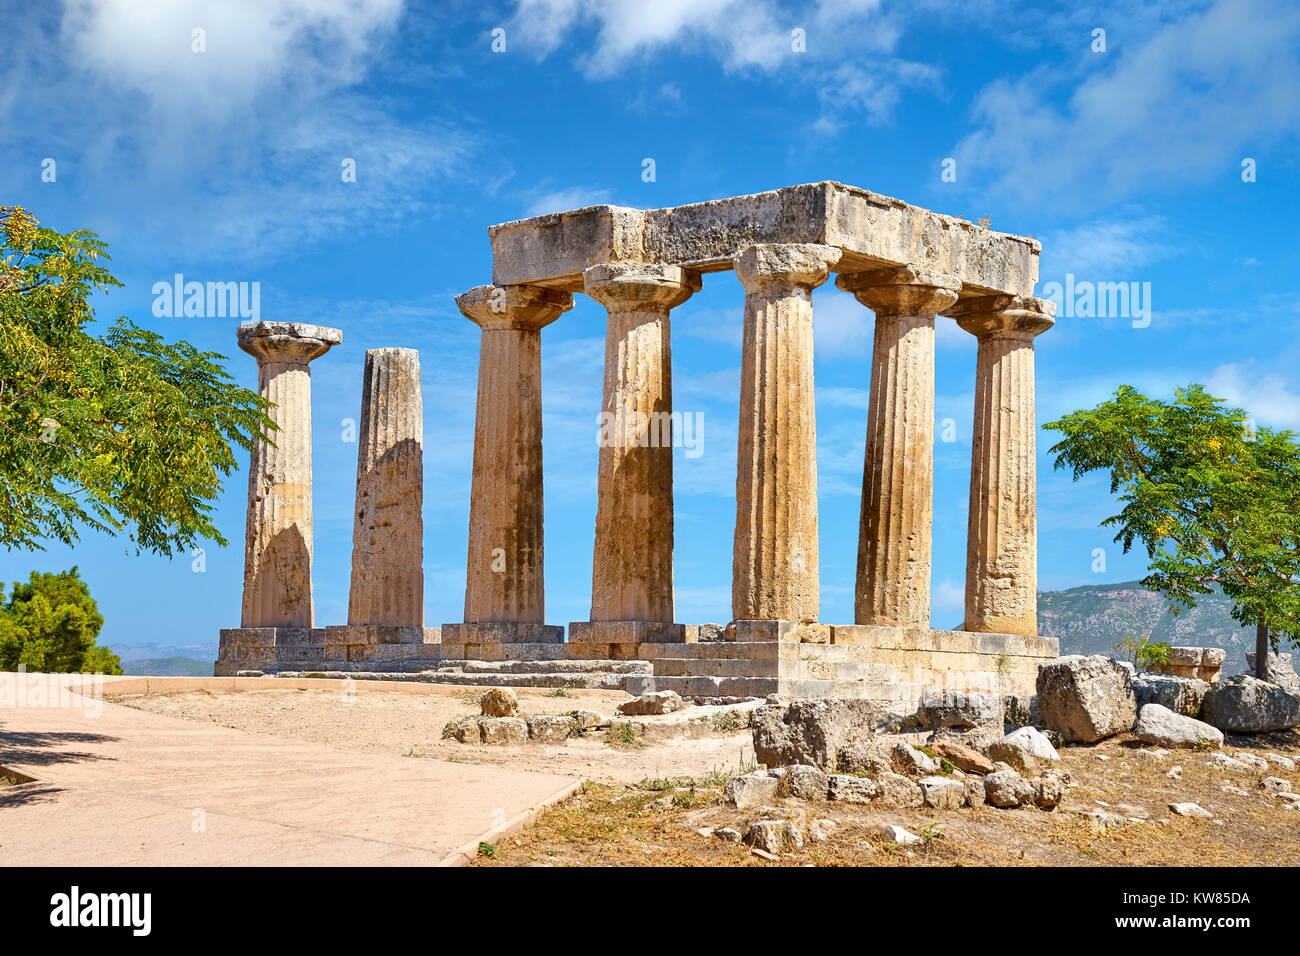 Il Tempio di Apollo, antica Corinto, Grecia Immagini Stock